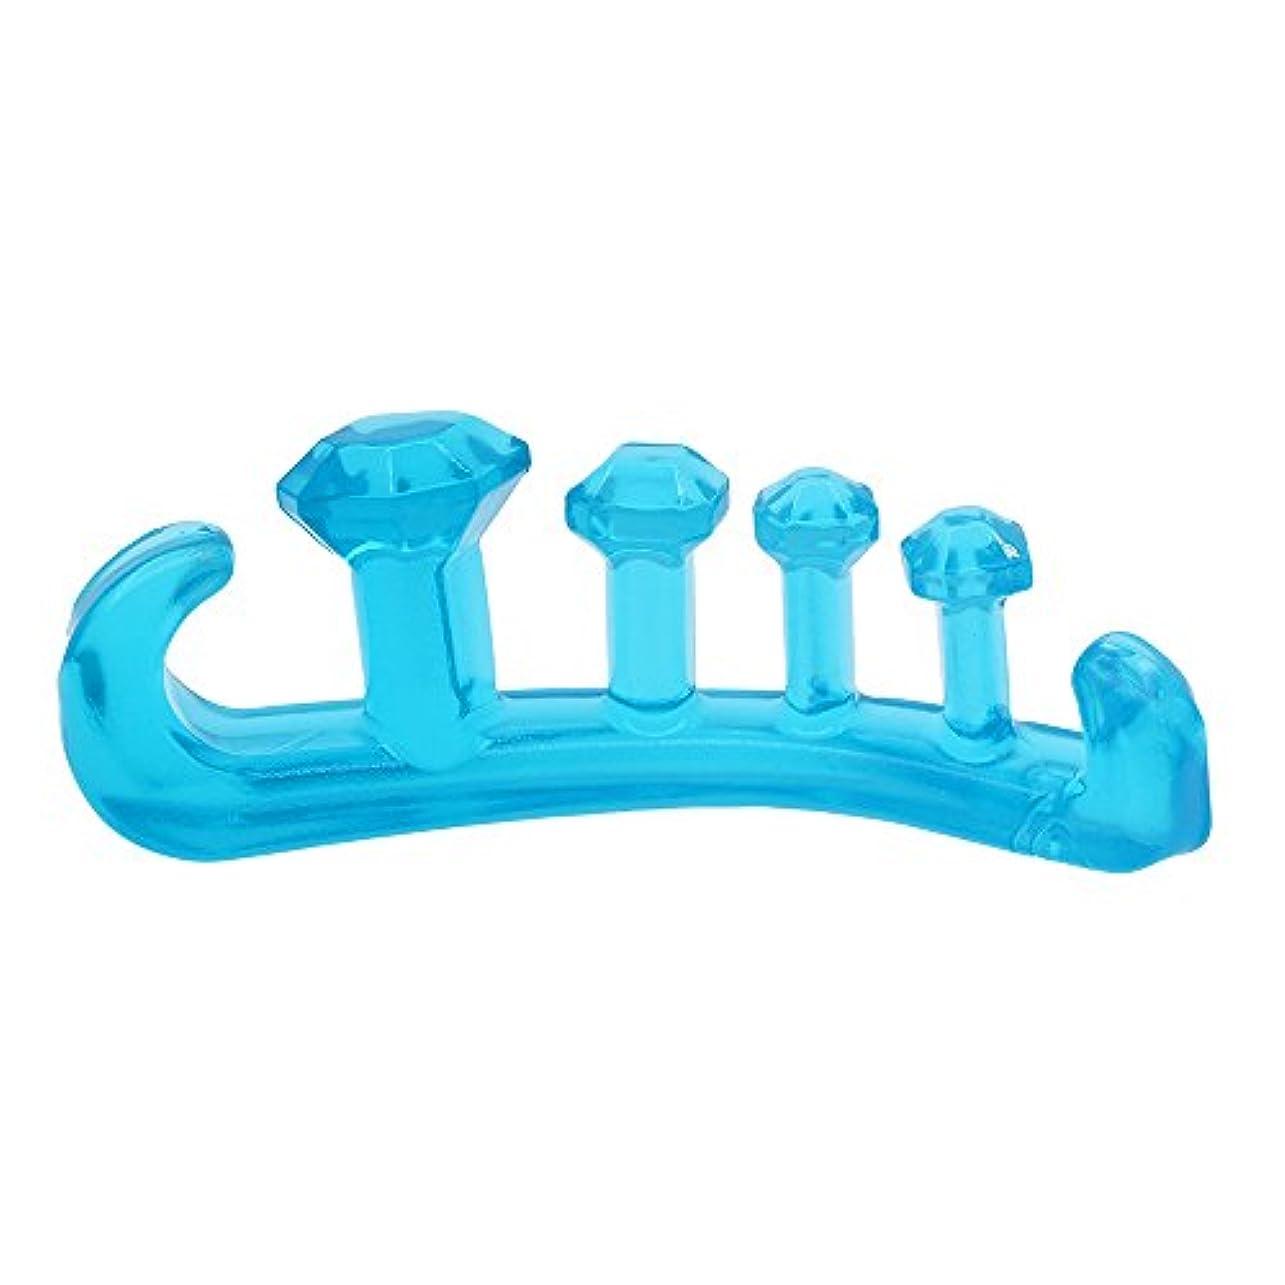 柔らかい足ジャンル制限するCloseMate 足指 セパレーター 5本指 ブルー (L)